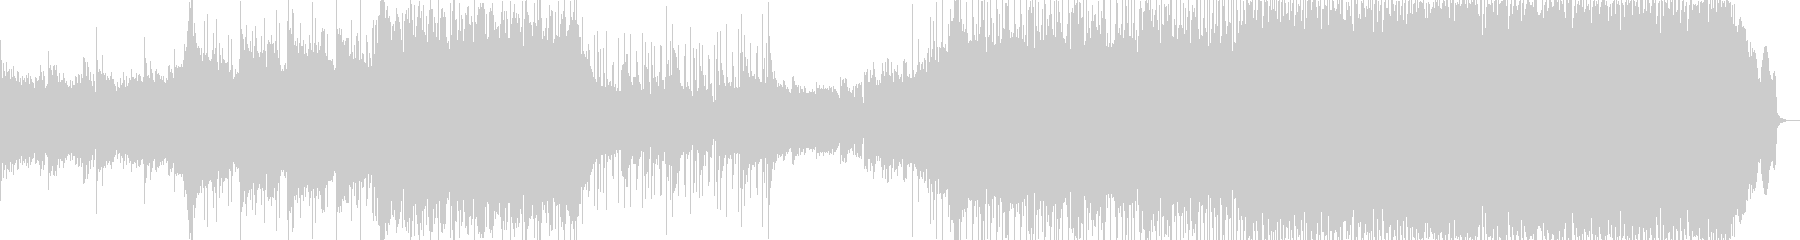 感動EDM-ROCK_BGMの未再生の波形